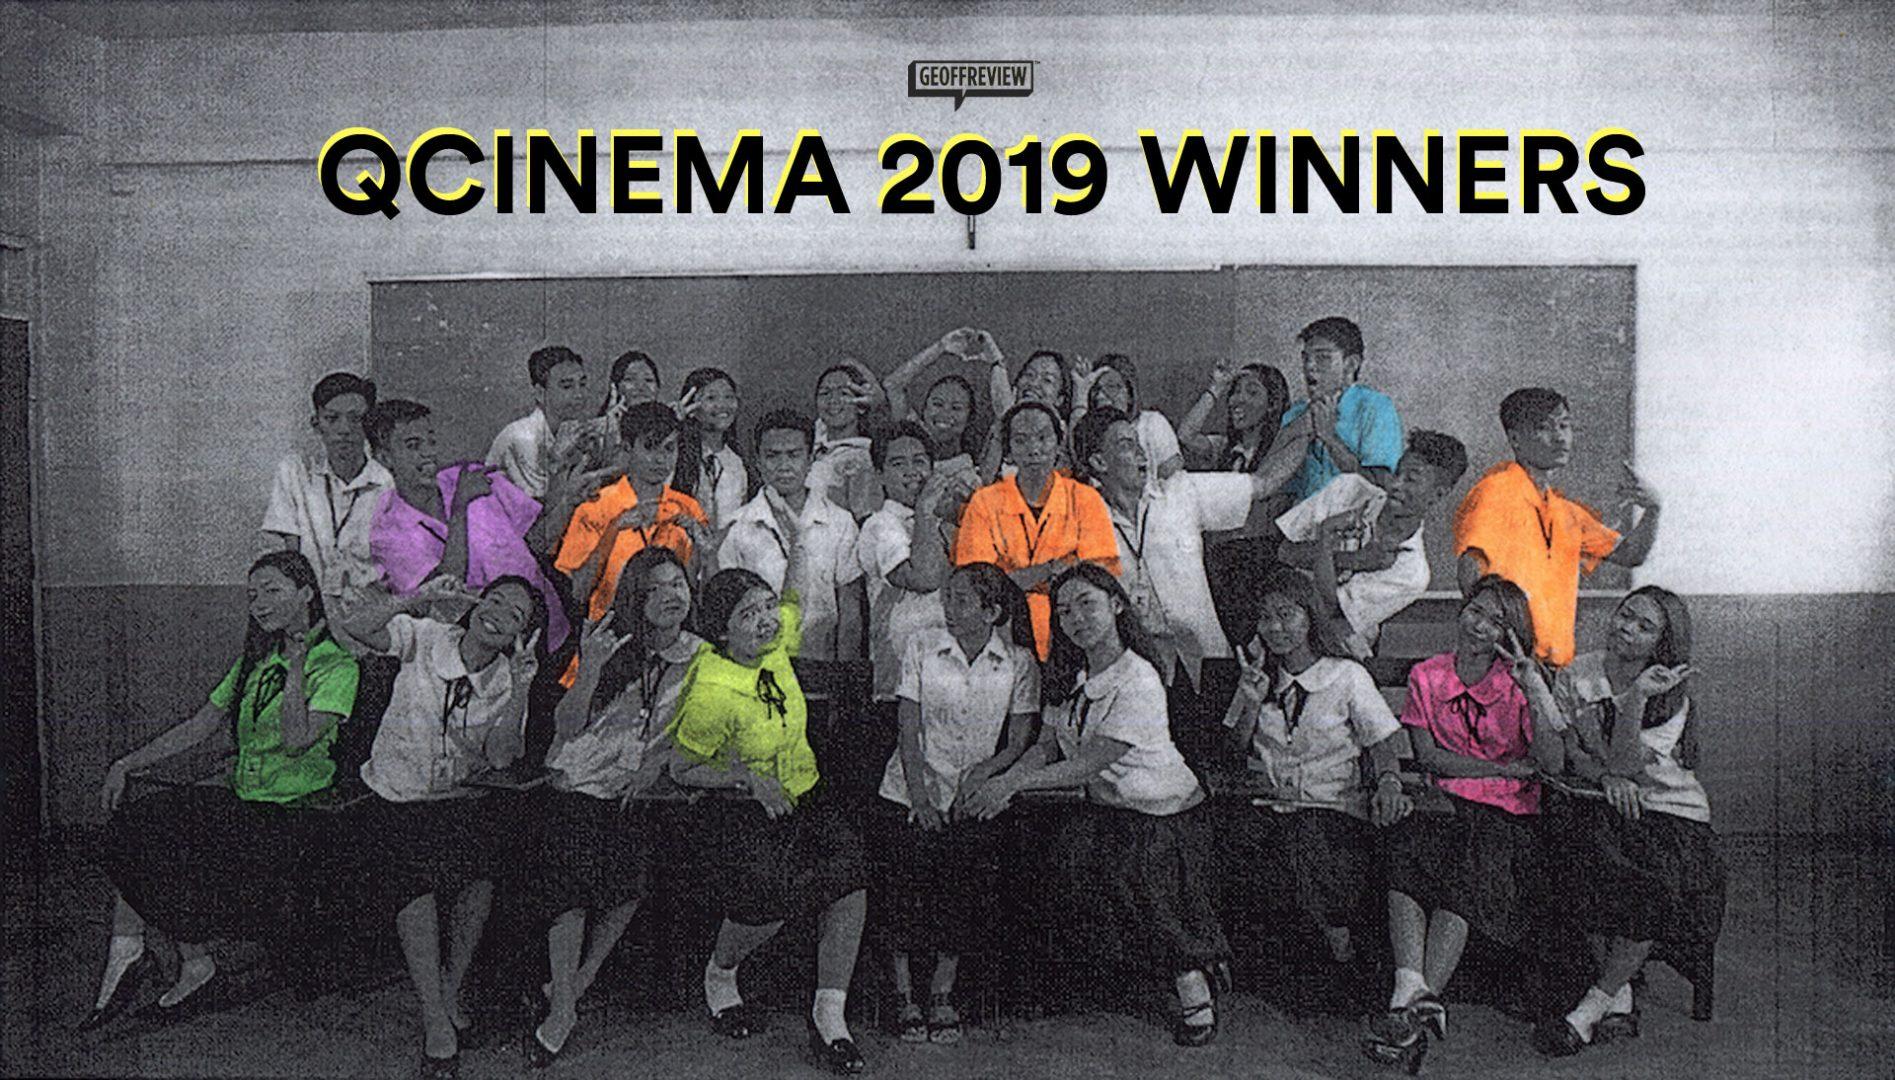 qcinema 2019 winners cleaners